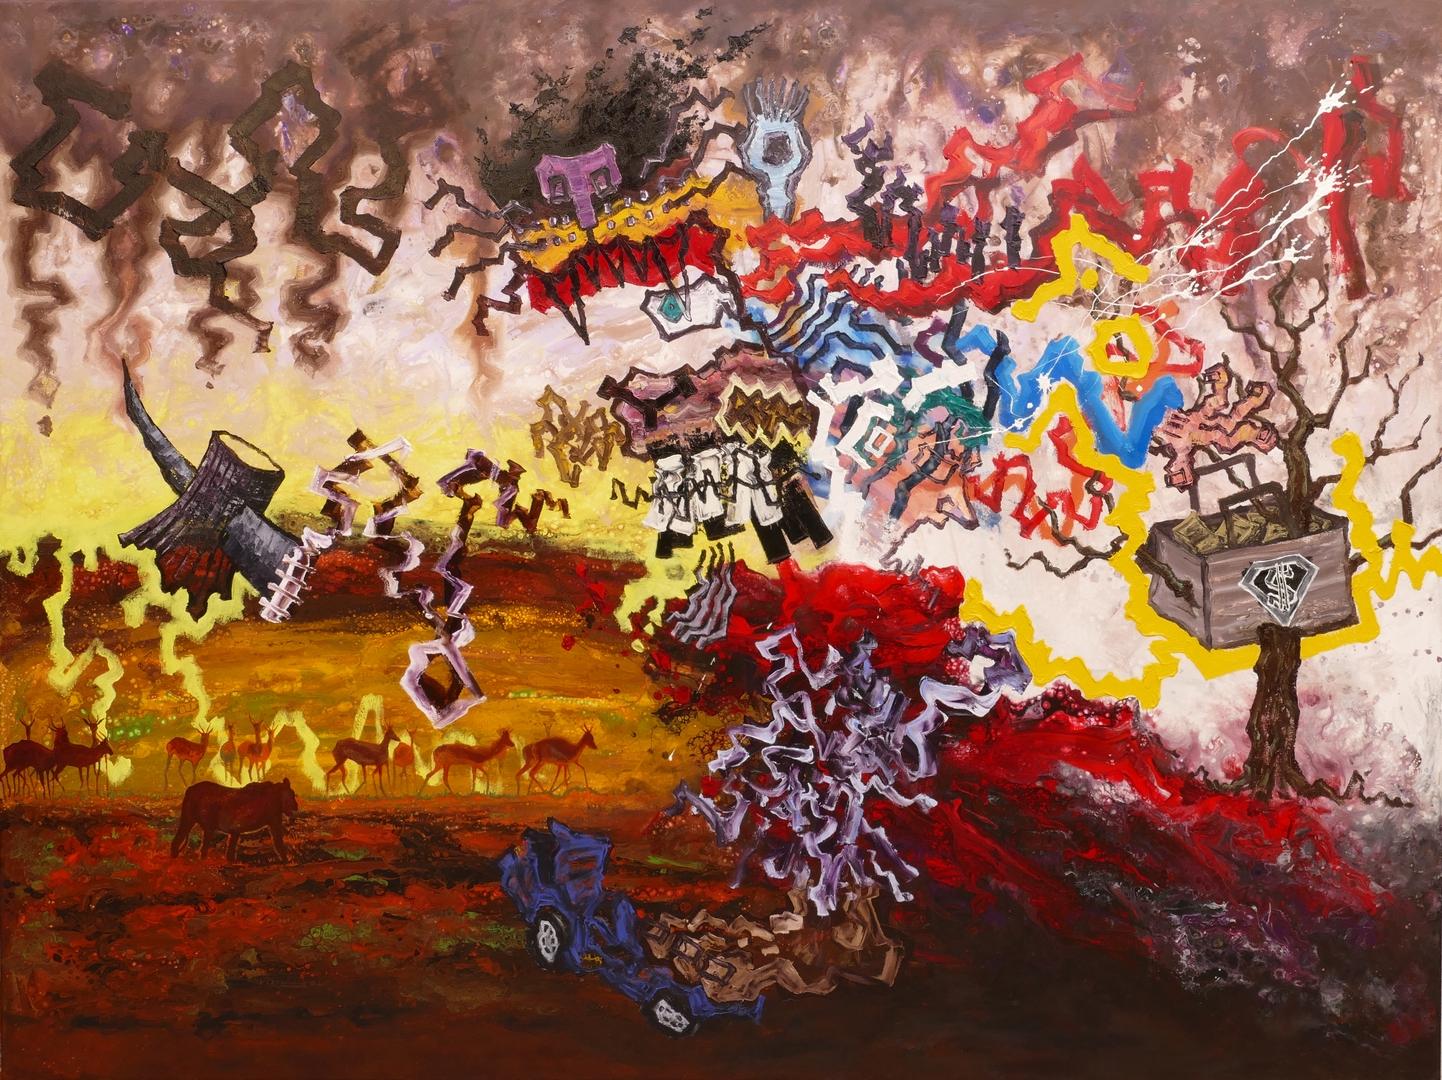 B, Der Sieg der Natur, 150x200cm, Öl ,Acryl auf Leinwand, 2020